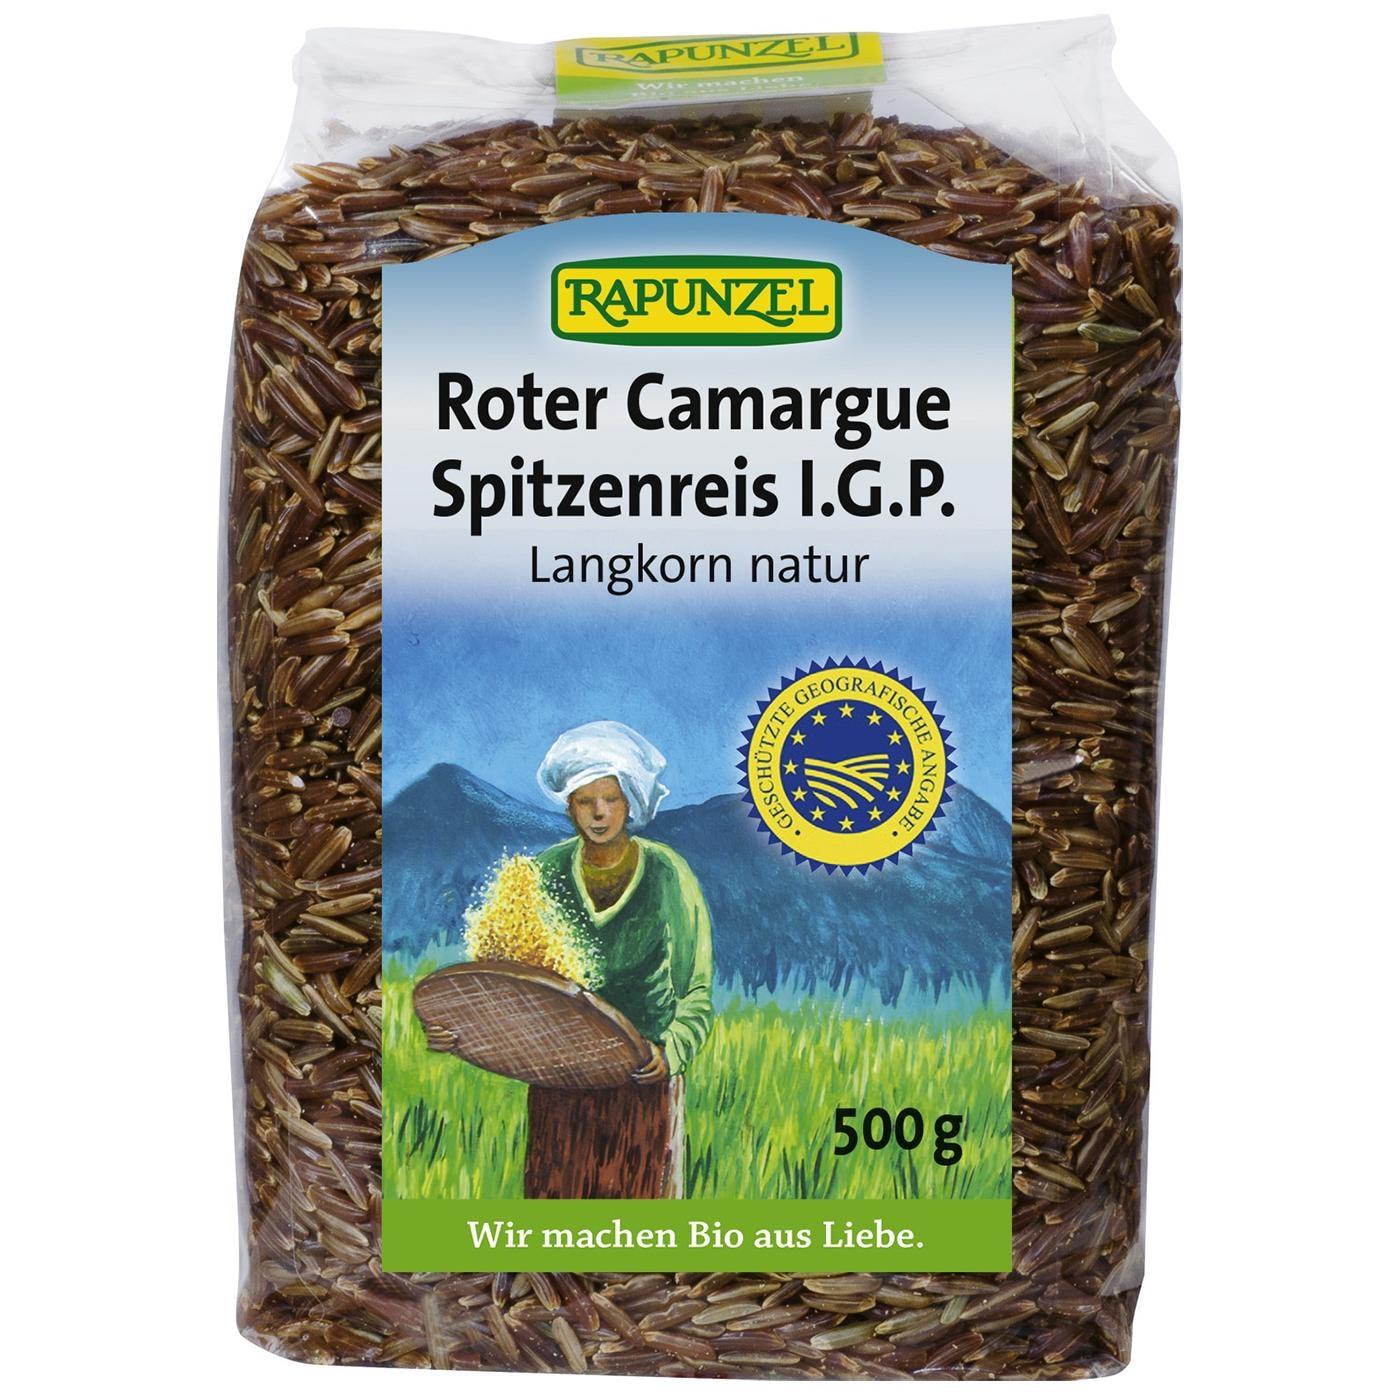 Rapunzel Bio Roter Camargue Spitzenreis natur I.G.P. 500g